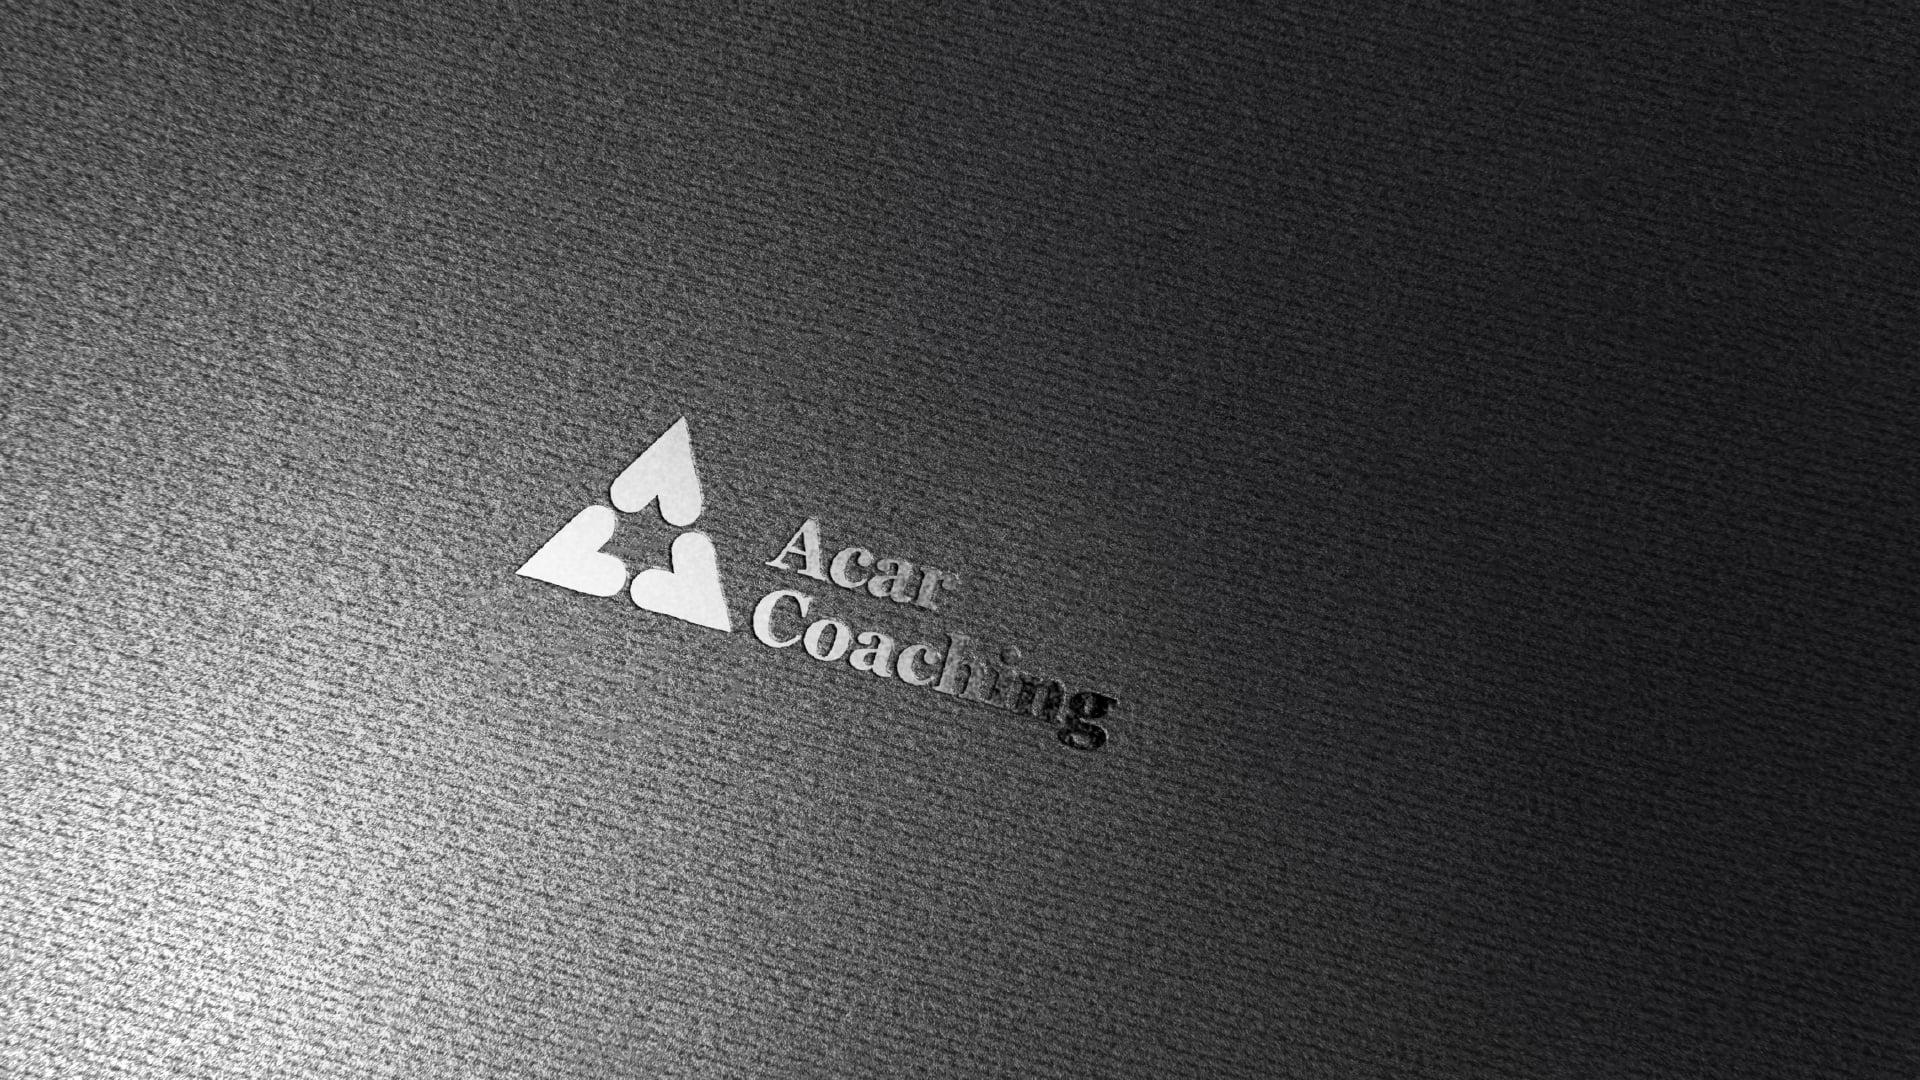 Acar Coaching